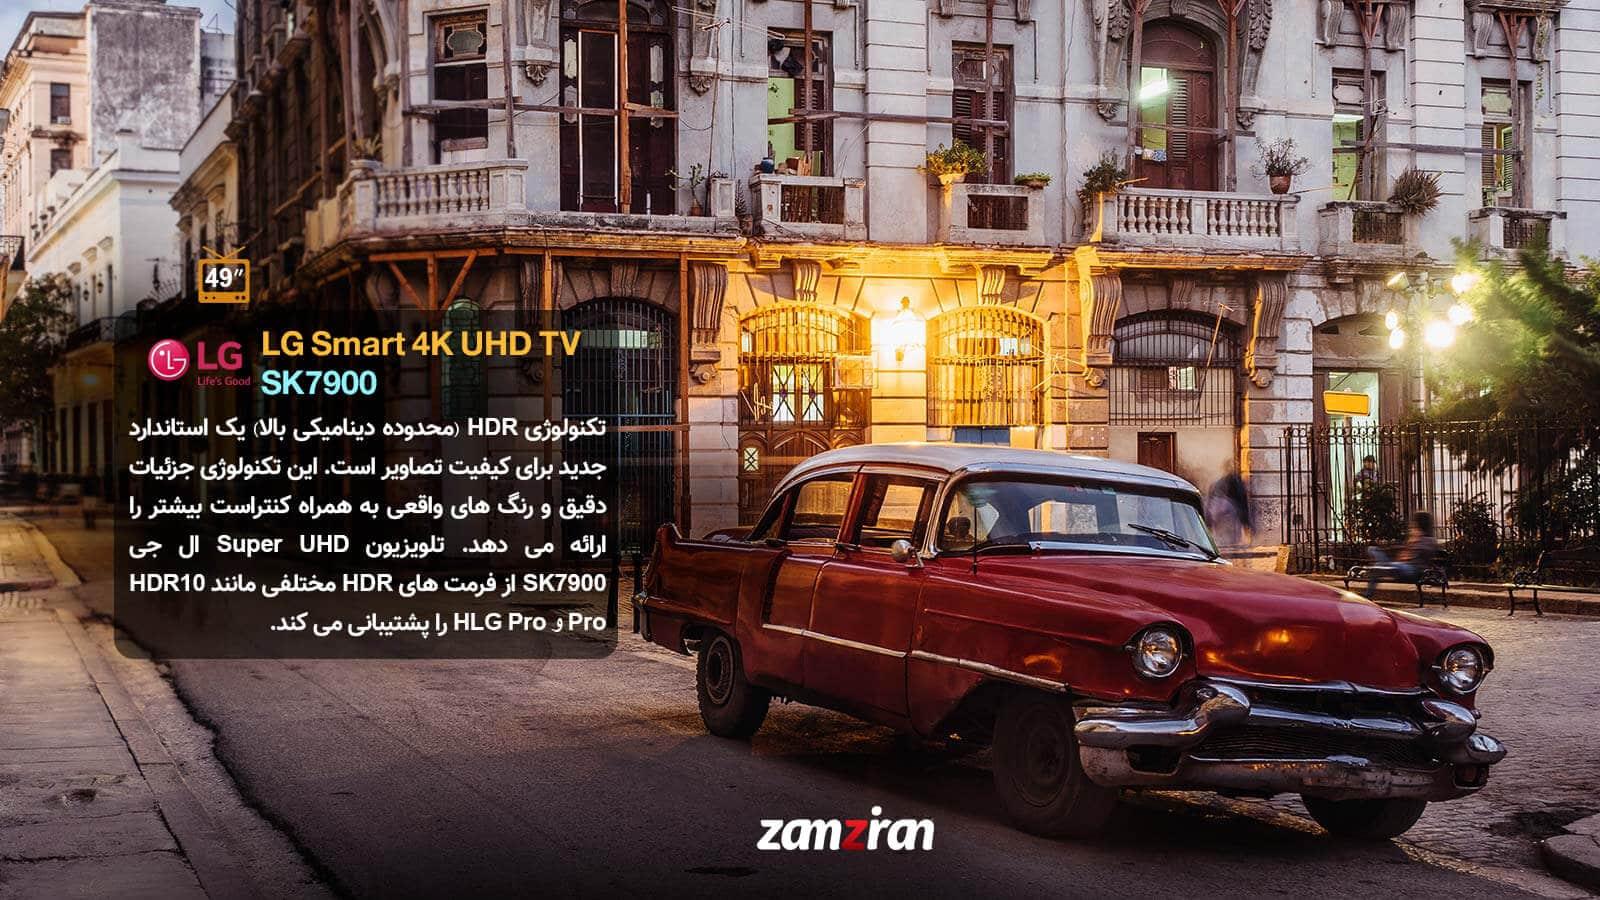 LG TV 4K UHD 49sk7900